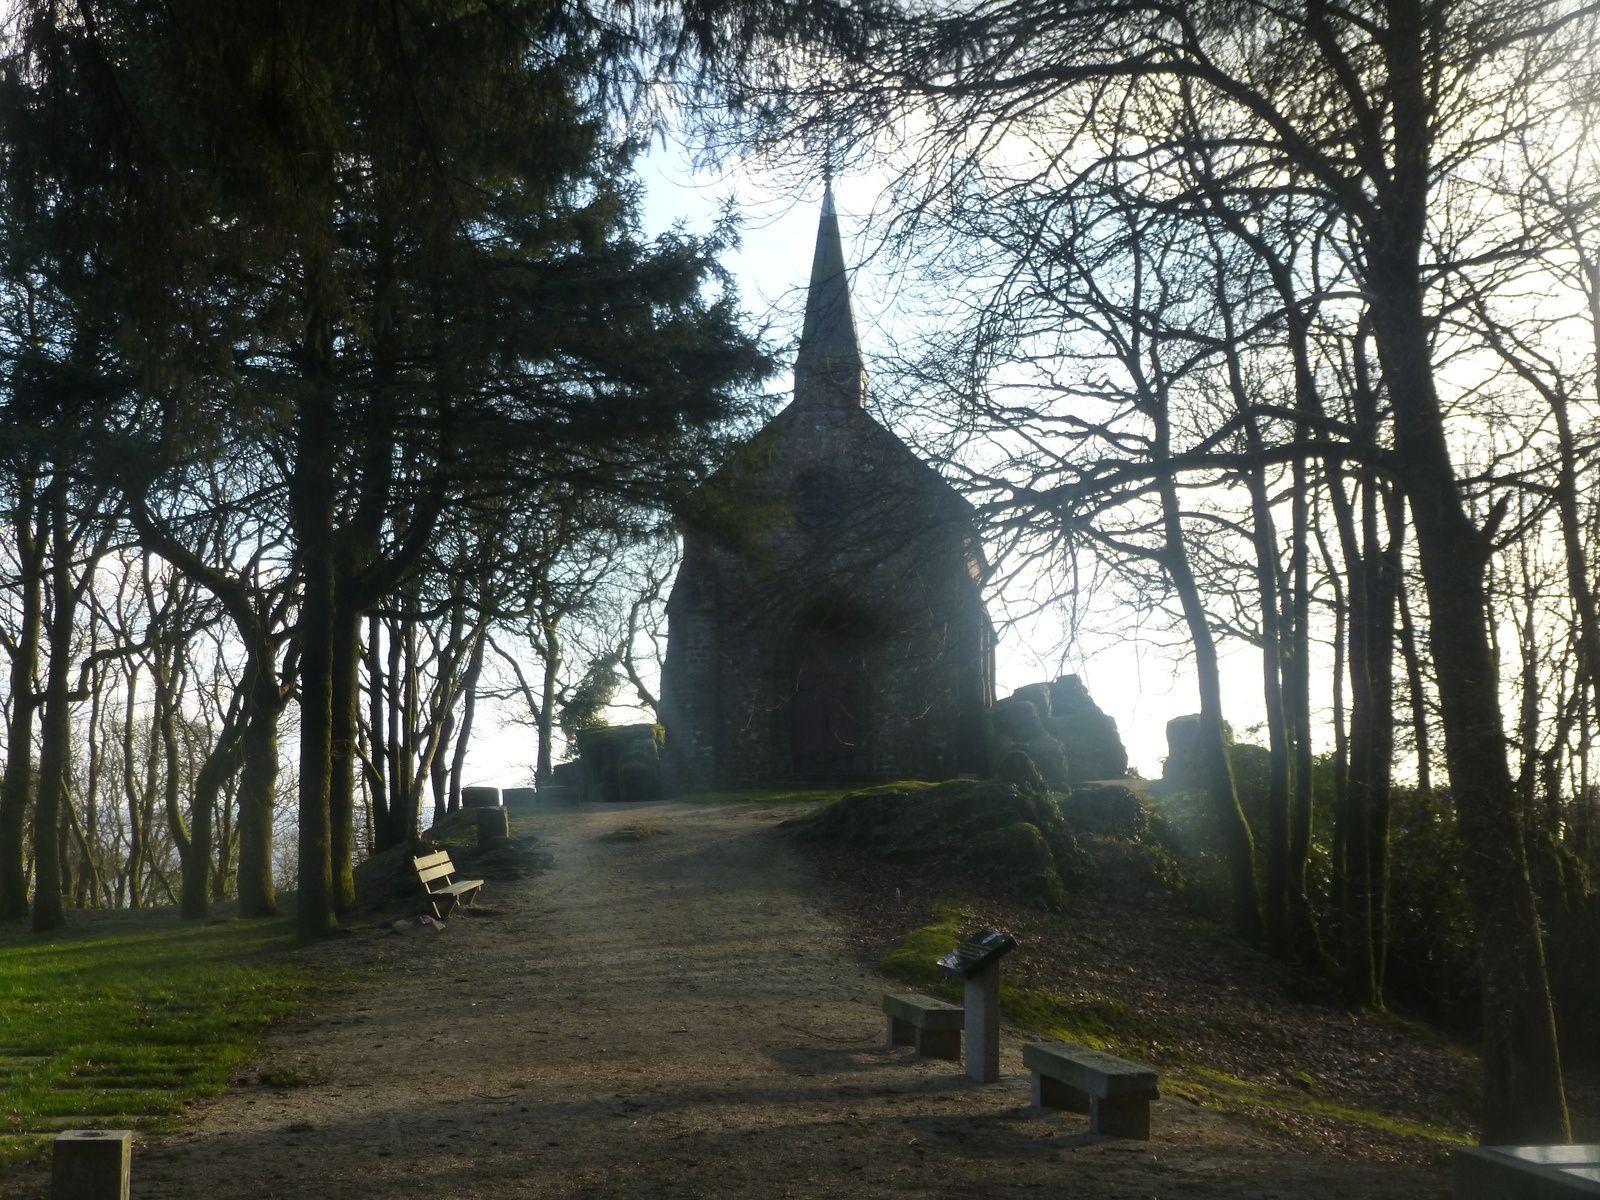 reportage photos de la petite chapelle a mortain